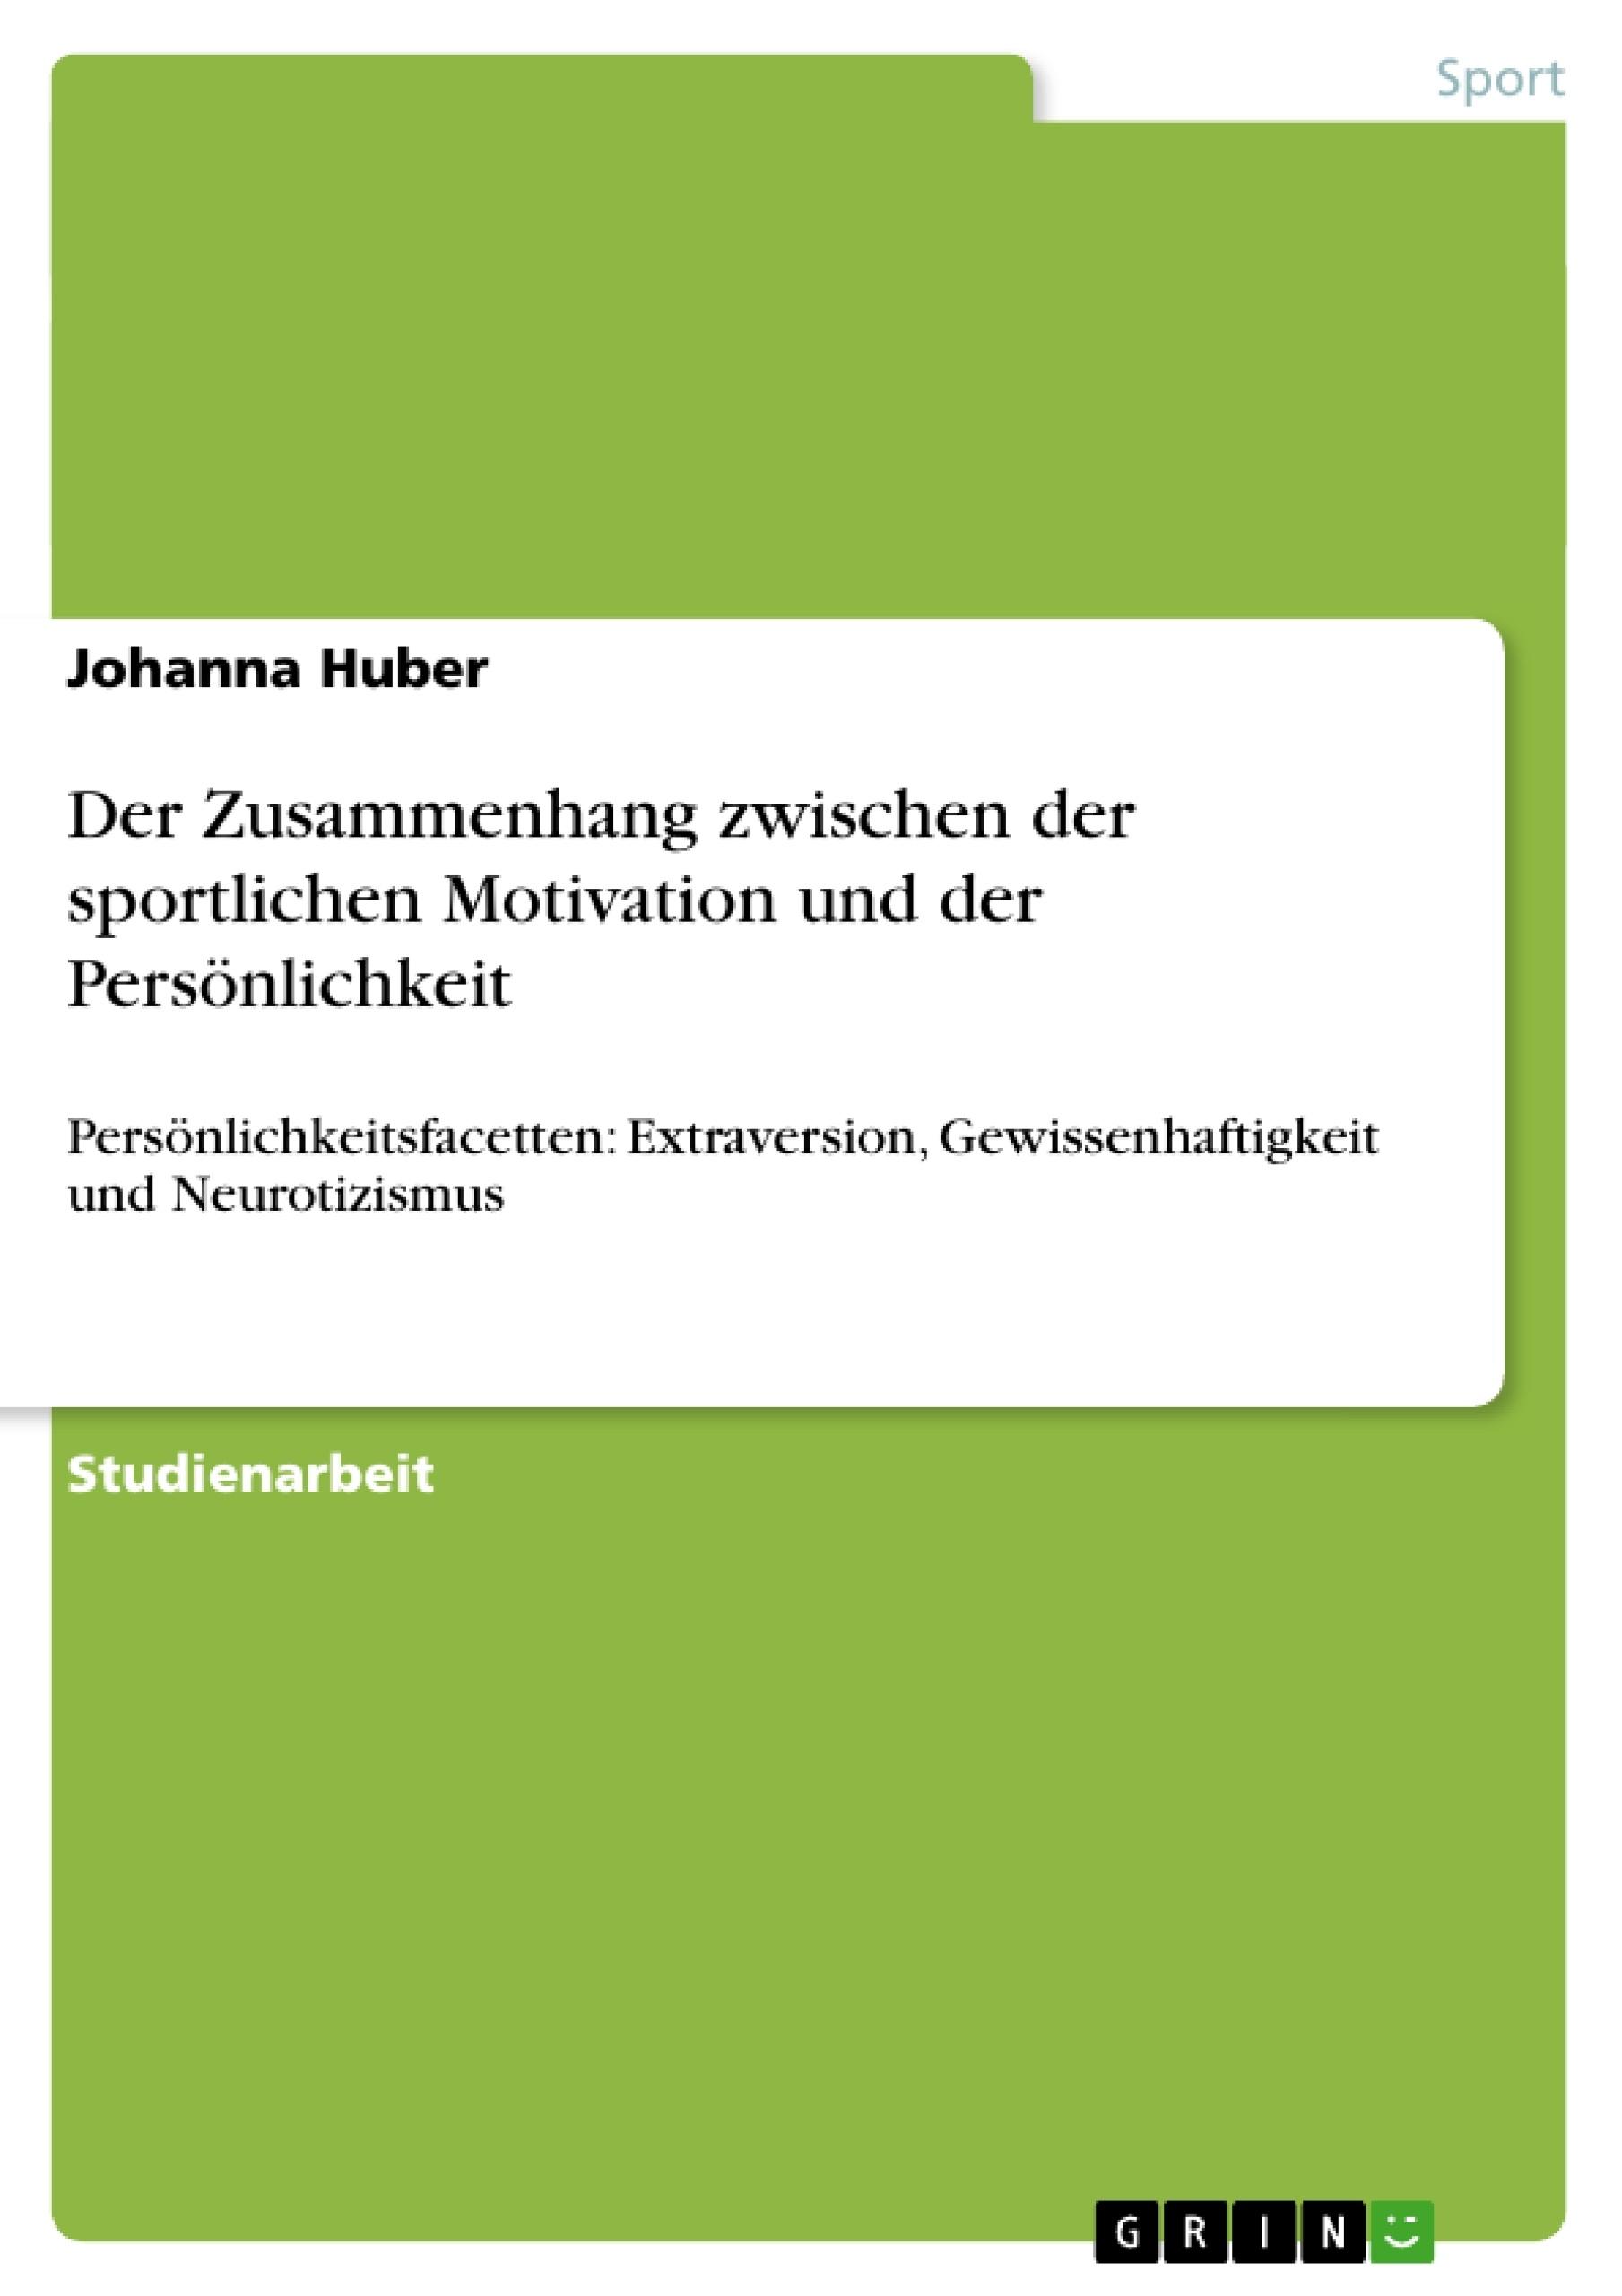 Titel: Der Zusammenhang zwischen der sportlichen Motivation und der Persönlichkeit